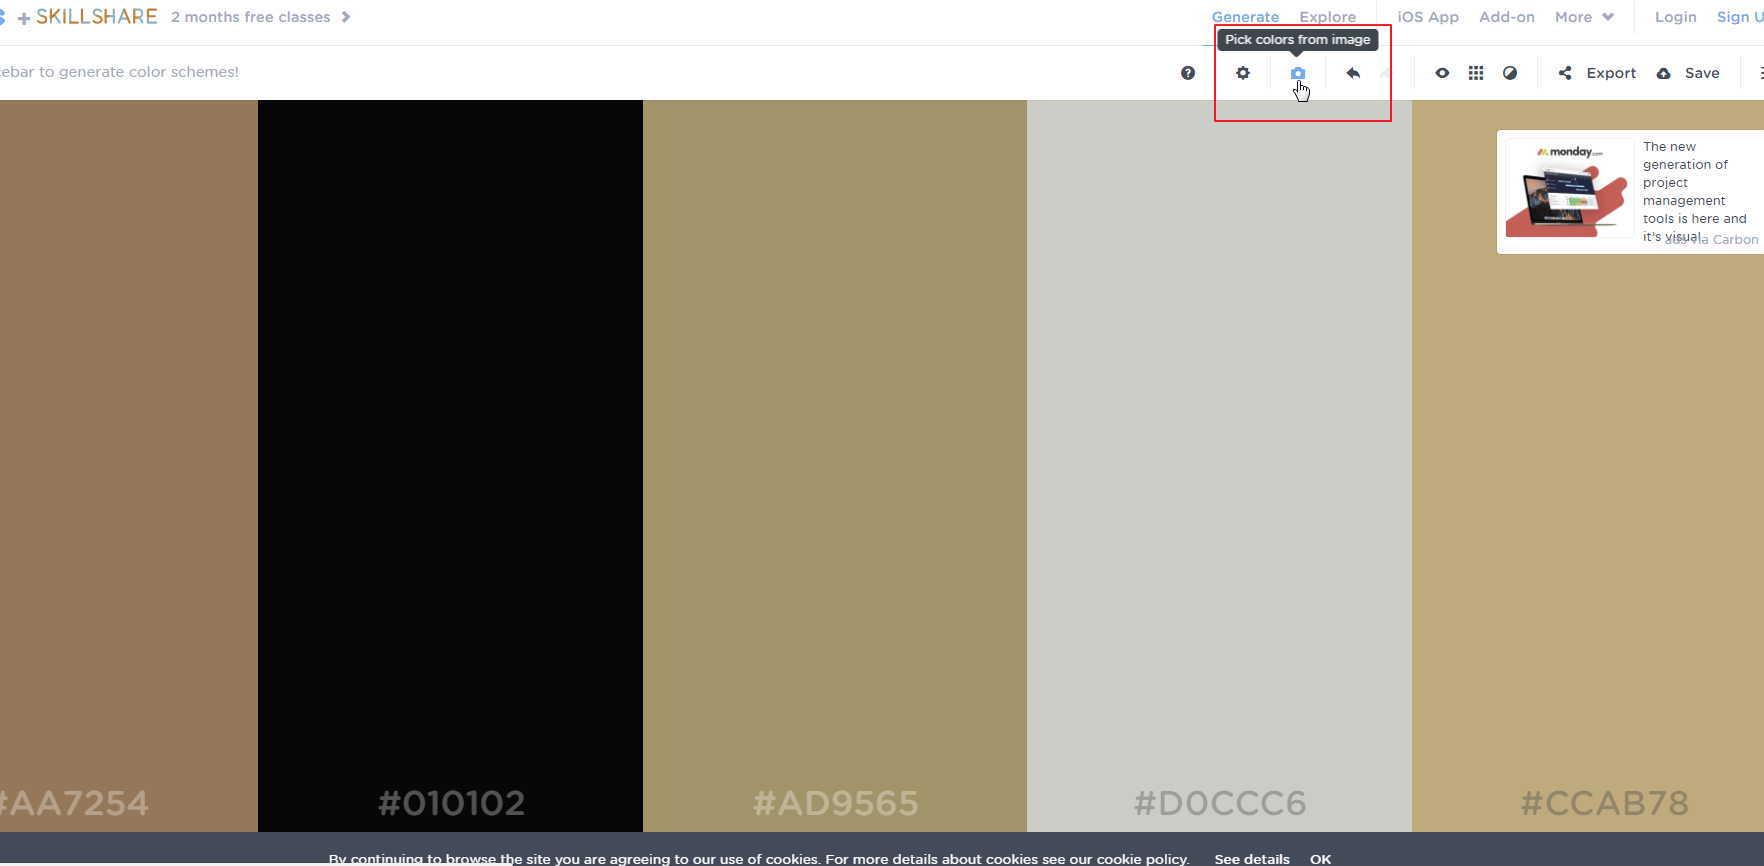 【配色神器】线上超强配色神器,教你快速做出『延禧攻略配色』